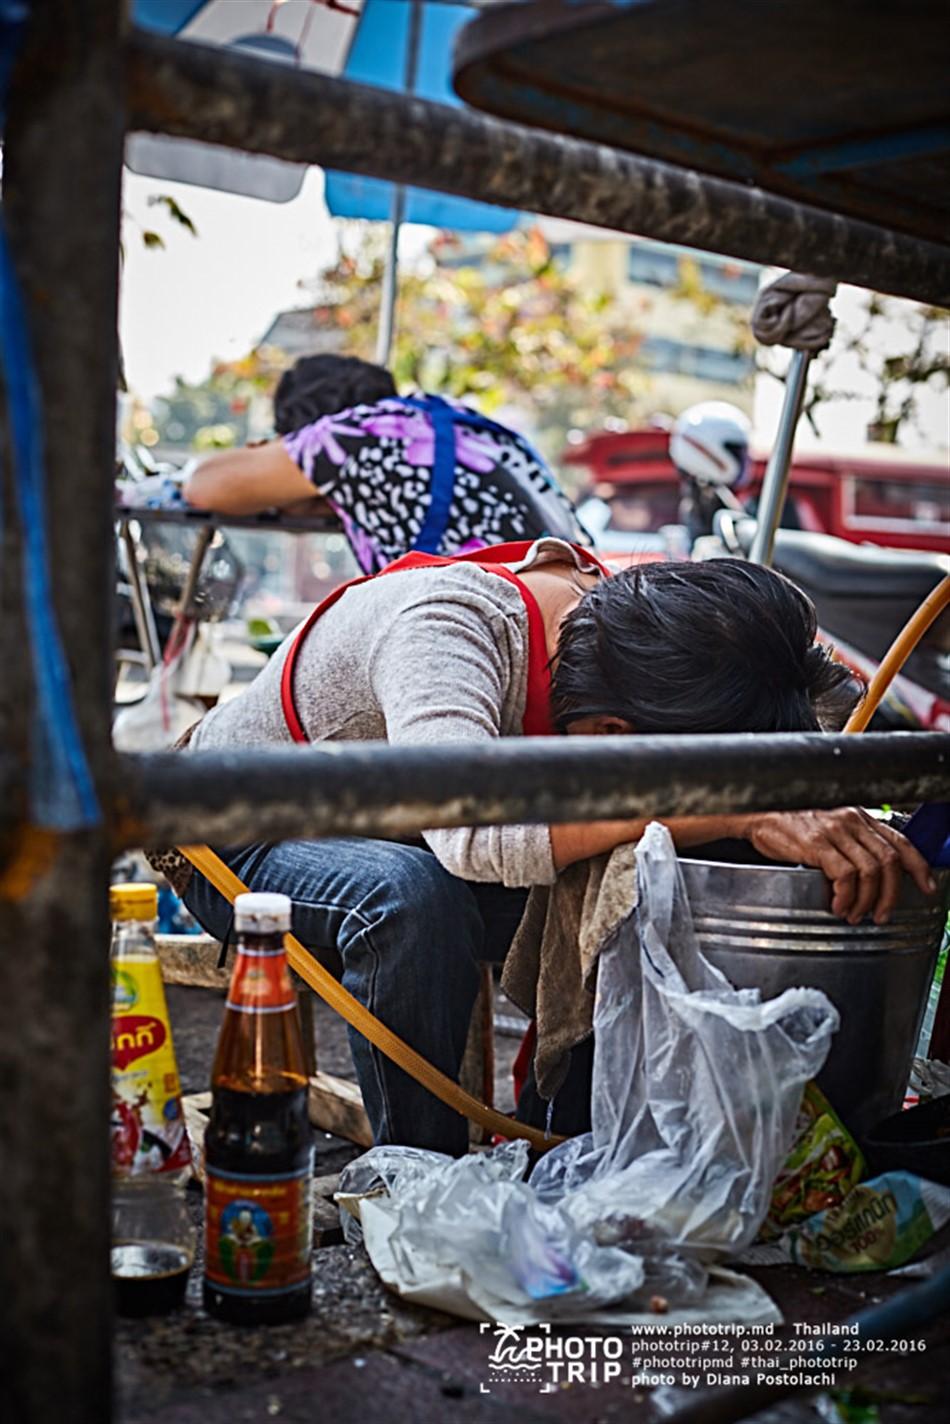 thailand2016_part4_013_950x1424